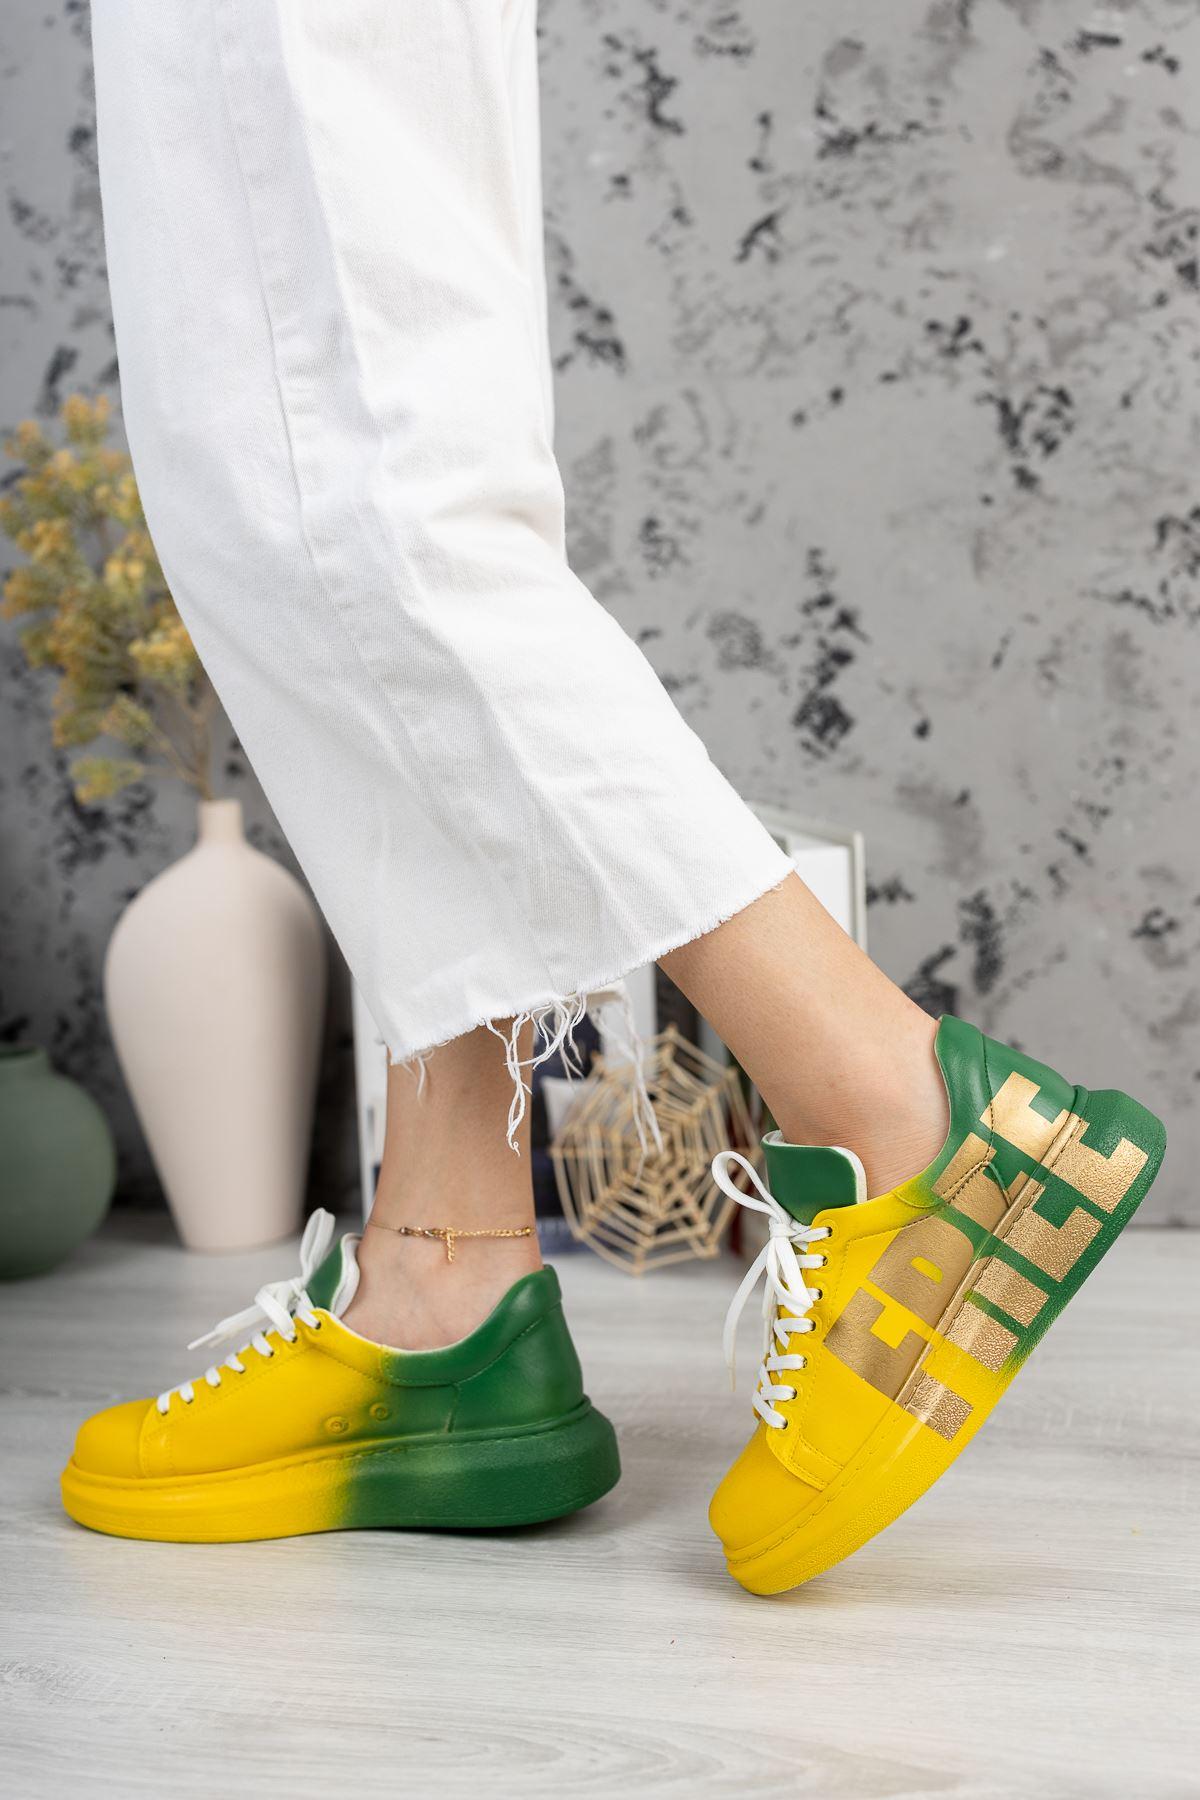 Chekich CH254 BT Kadın Ayakkabı 432 SARI / YEŞİL FREE